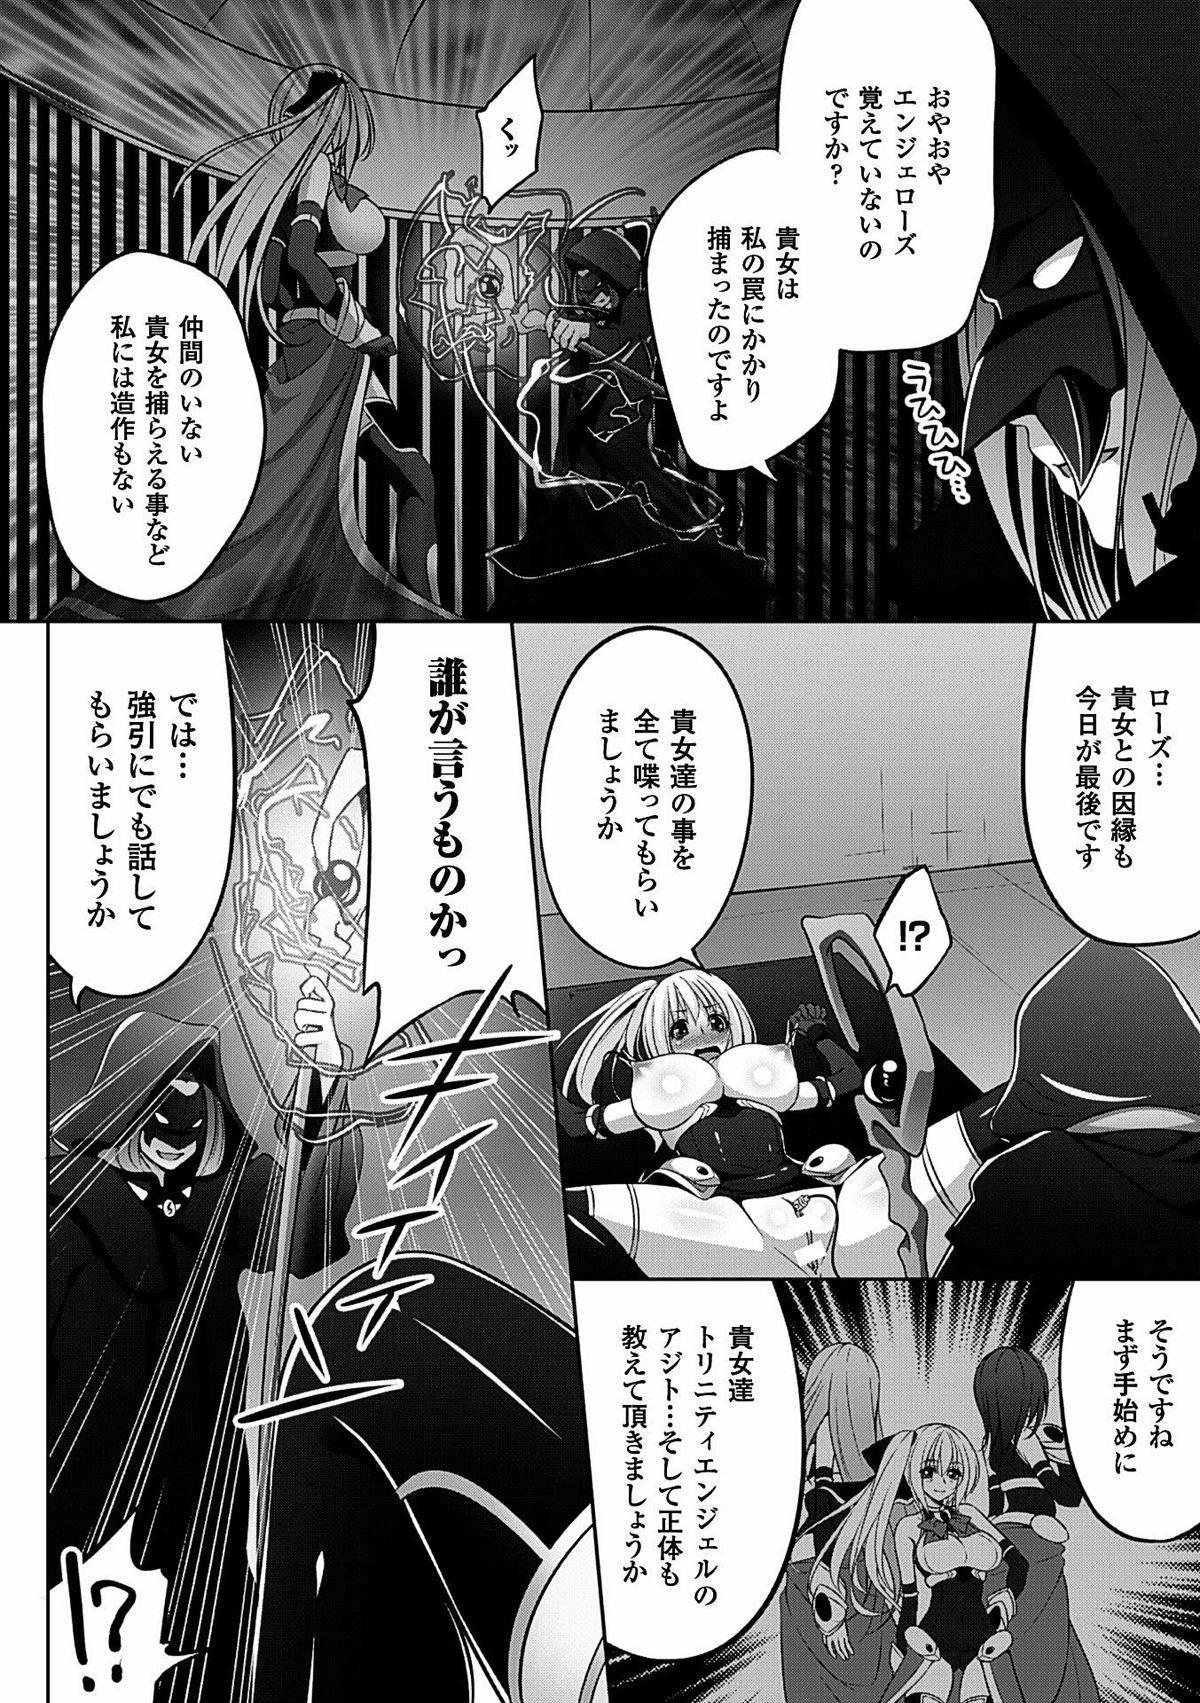 2D Comic Magazine Dengekisemeni Zecchouacmesuru Heroine tachi! Vol.1 45